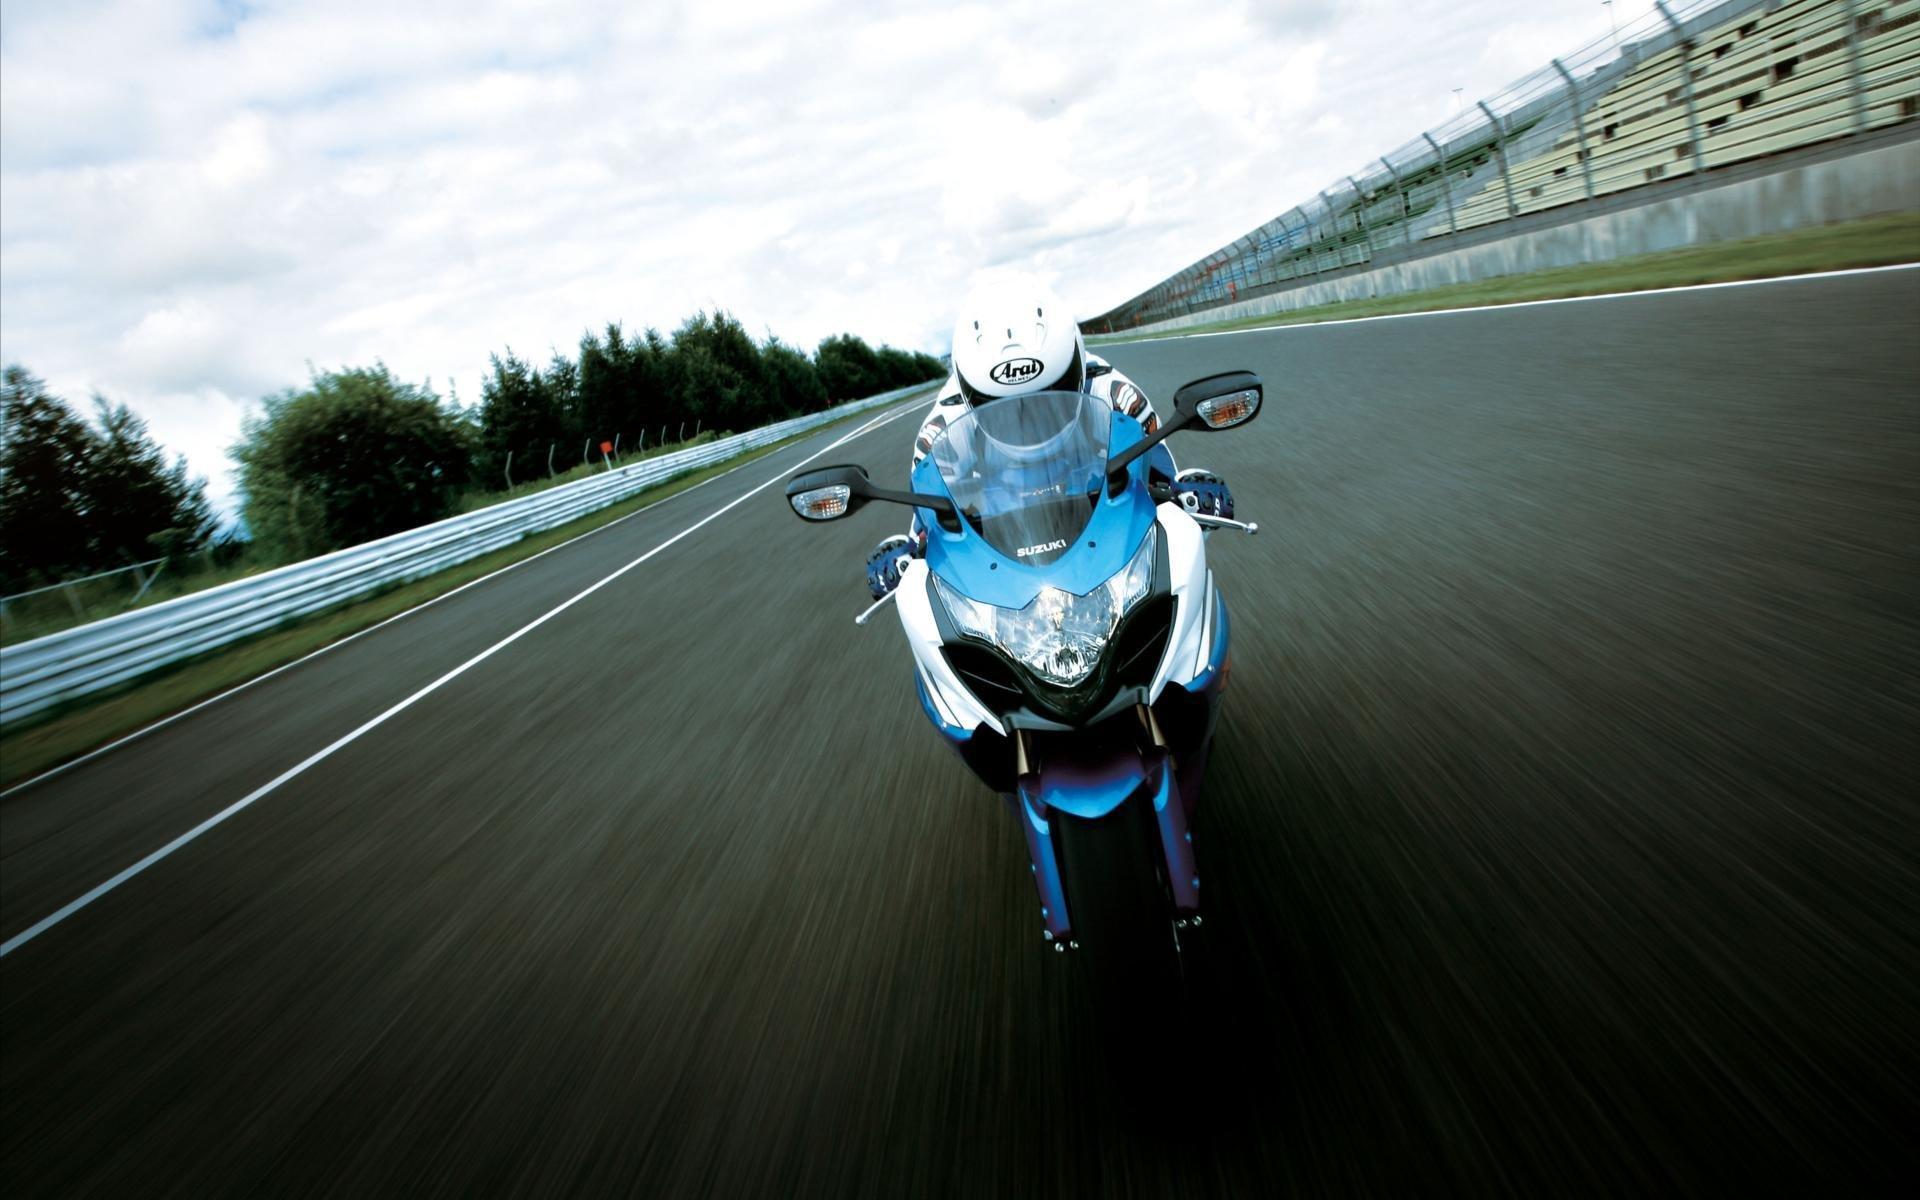 вираж мотоцикл трасса загрузить